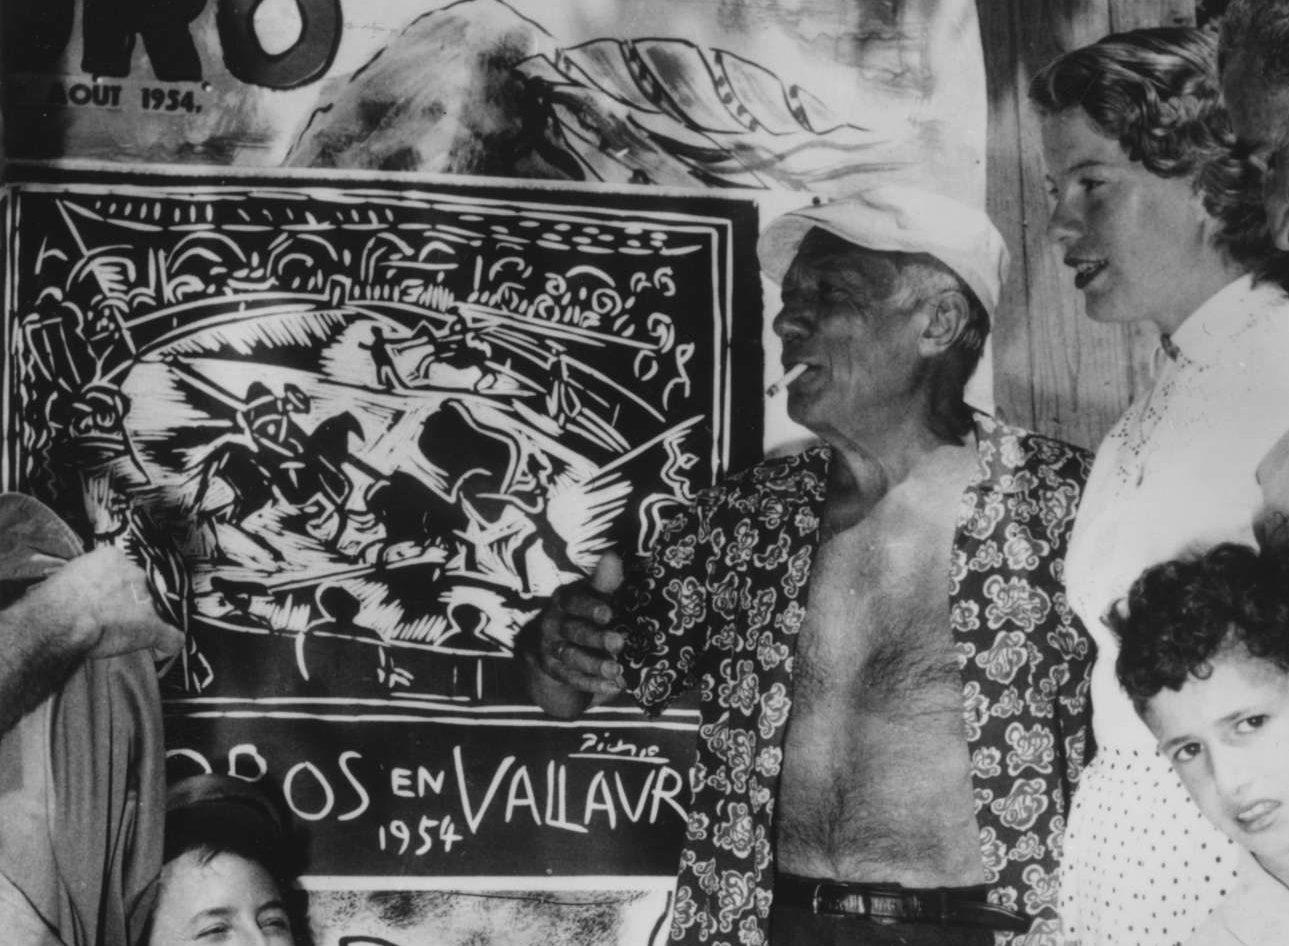 Καλοκαίρι του 1954, ο Πάμπλο Πικάσο σε ρόλο ιμπρεσάριου, διαφημίζει μια ταυρομαχία στη γαλλική Ριβιέρα.